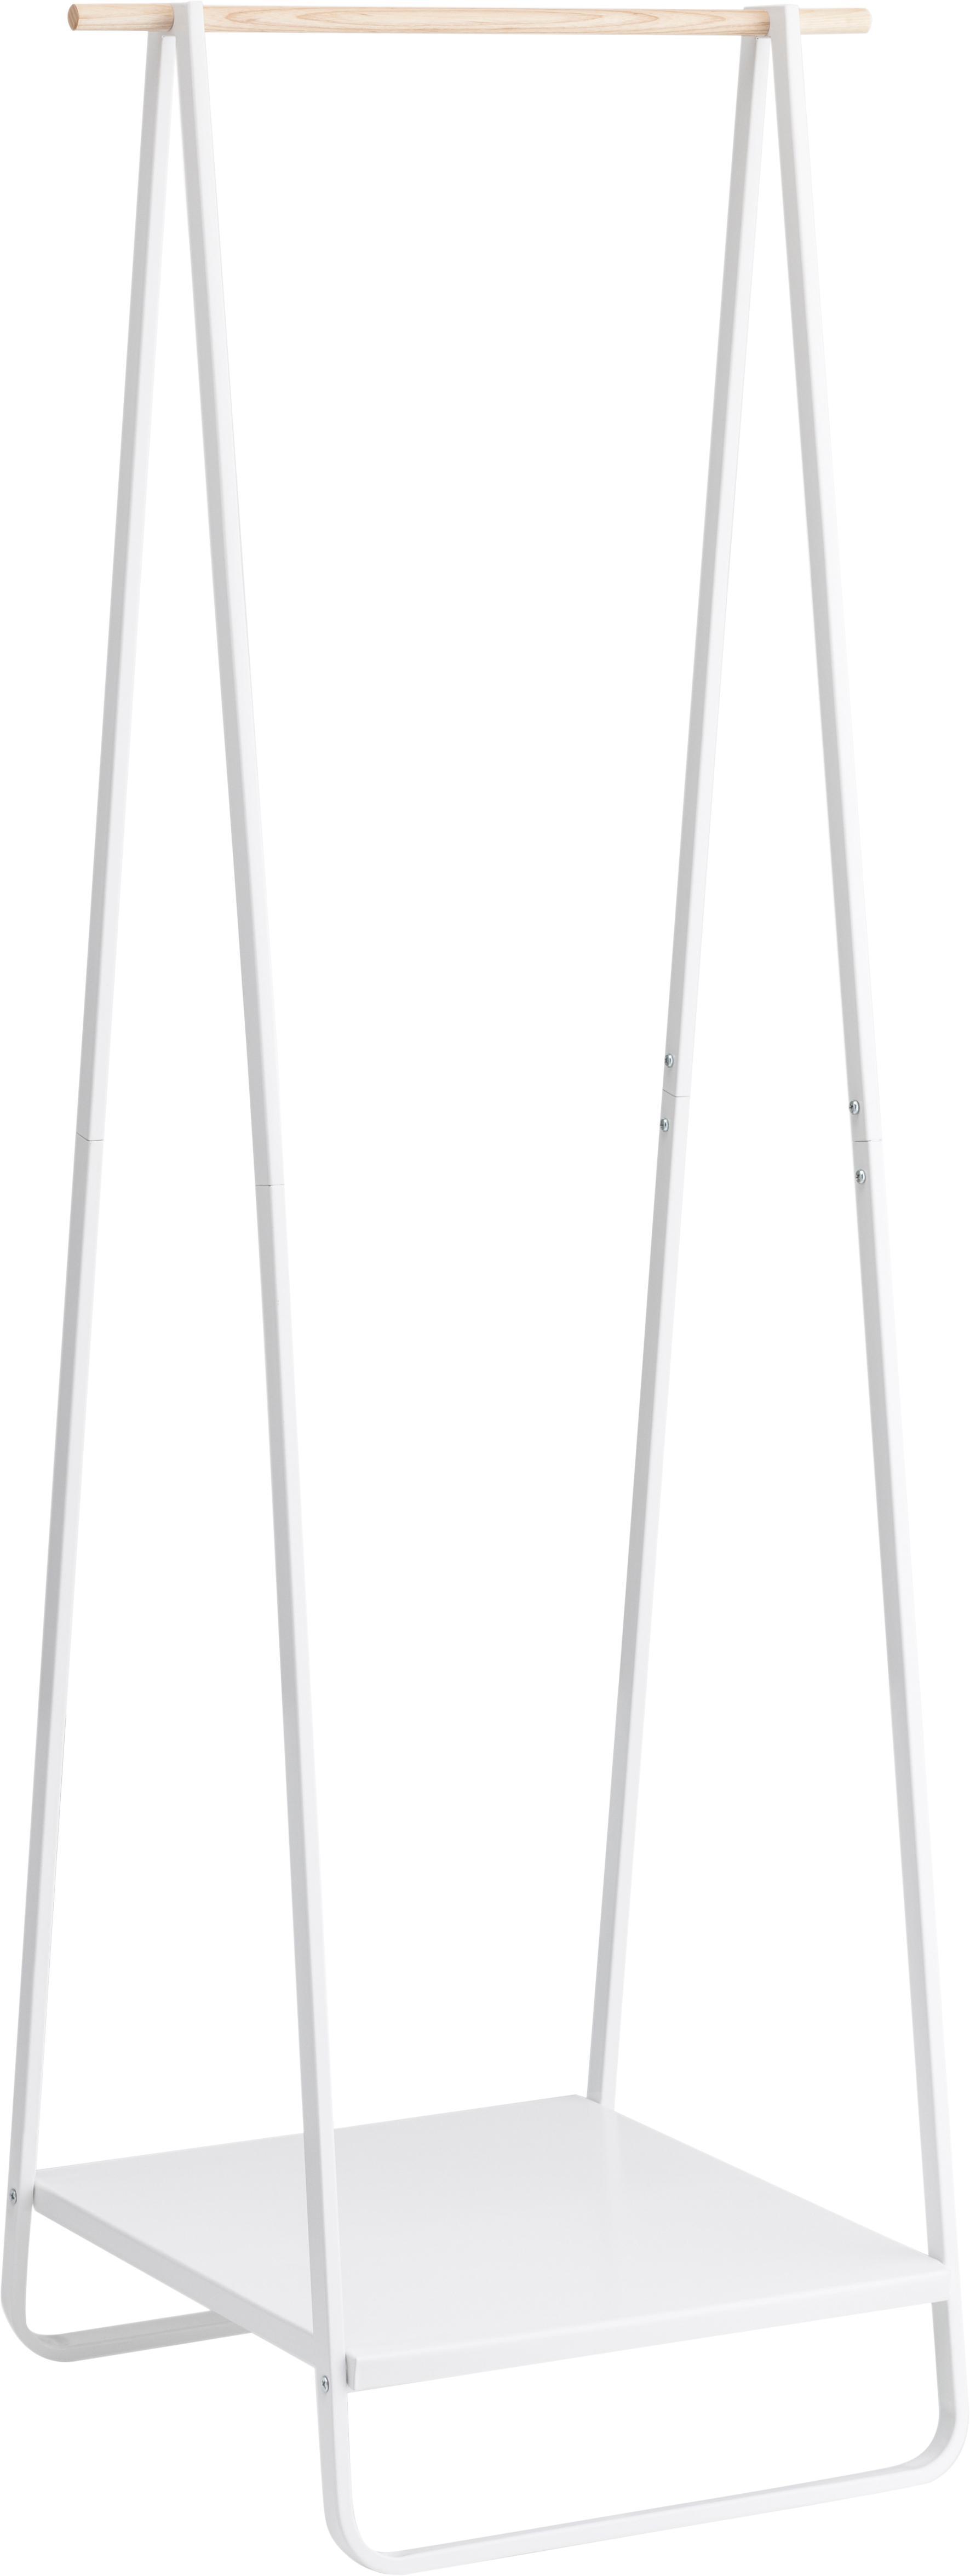 Appendiabiti in metallo Tower, Acciaio rivestito, legno, Bianco, Larg. 52 x Alt. 140 cm